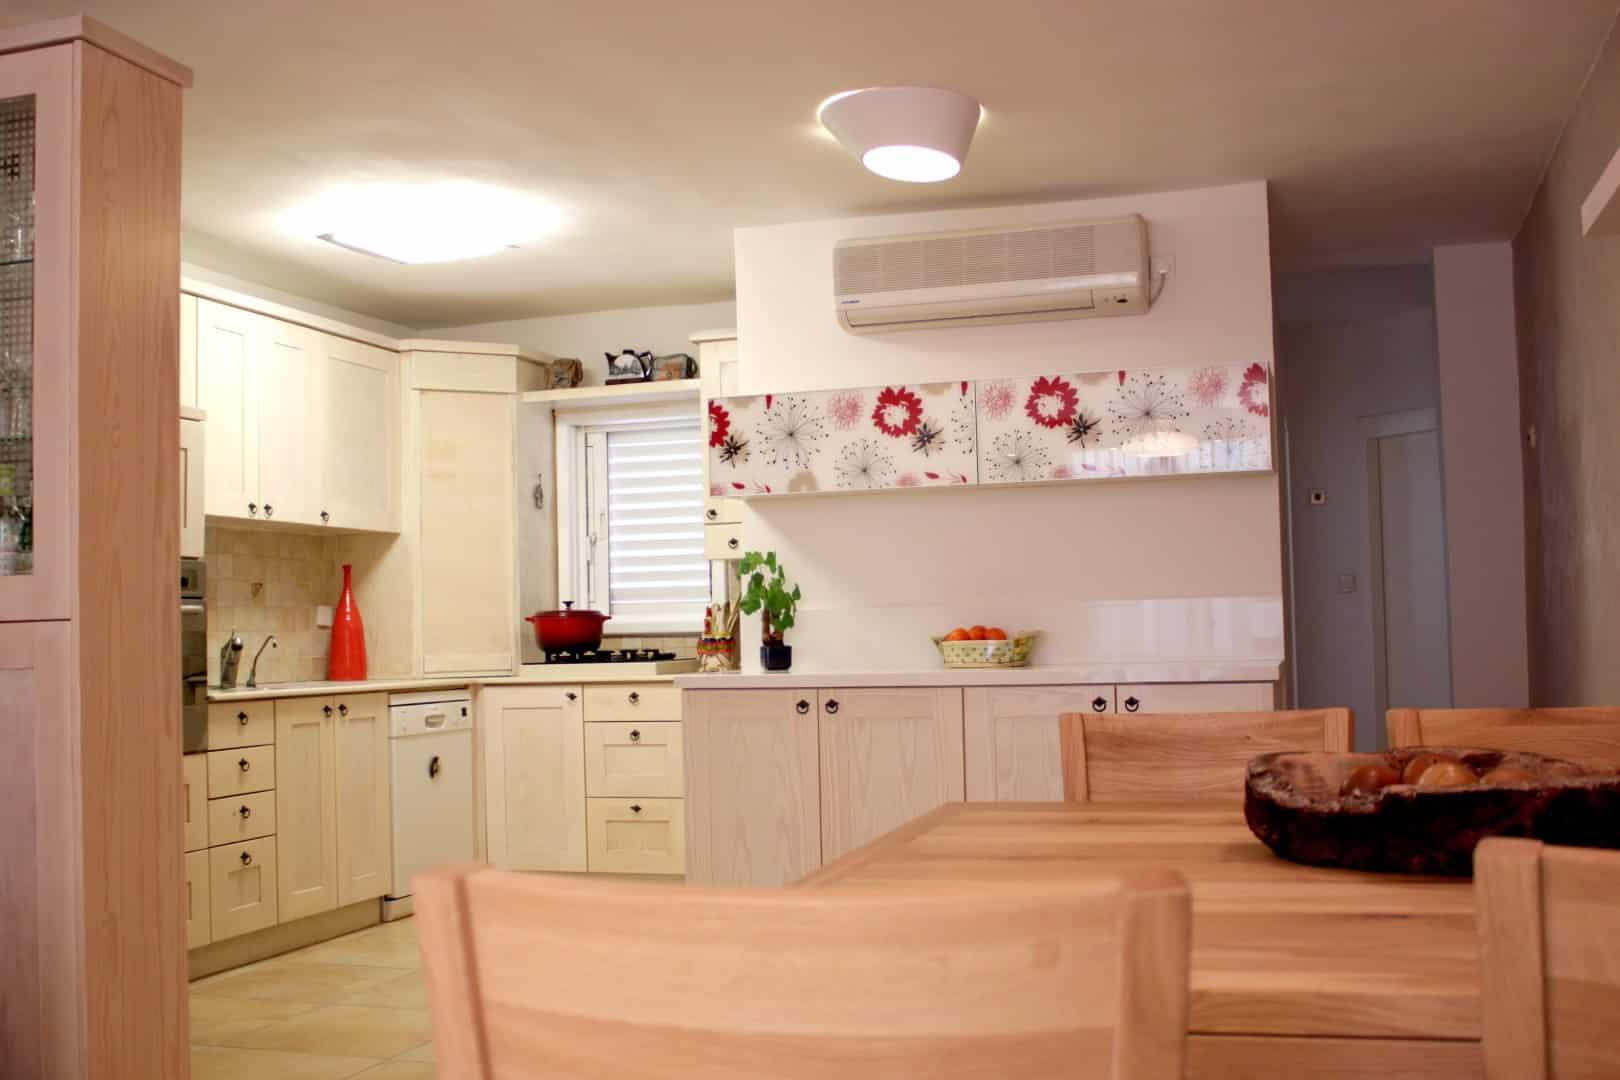 עיצוב מטבח מודרני, מטבח מעץ מלא צבוע, ענבל קרקו עיצוב פנים ופנג שואי